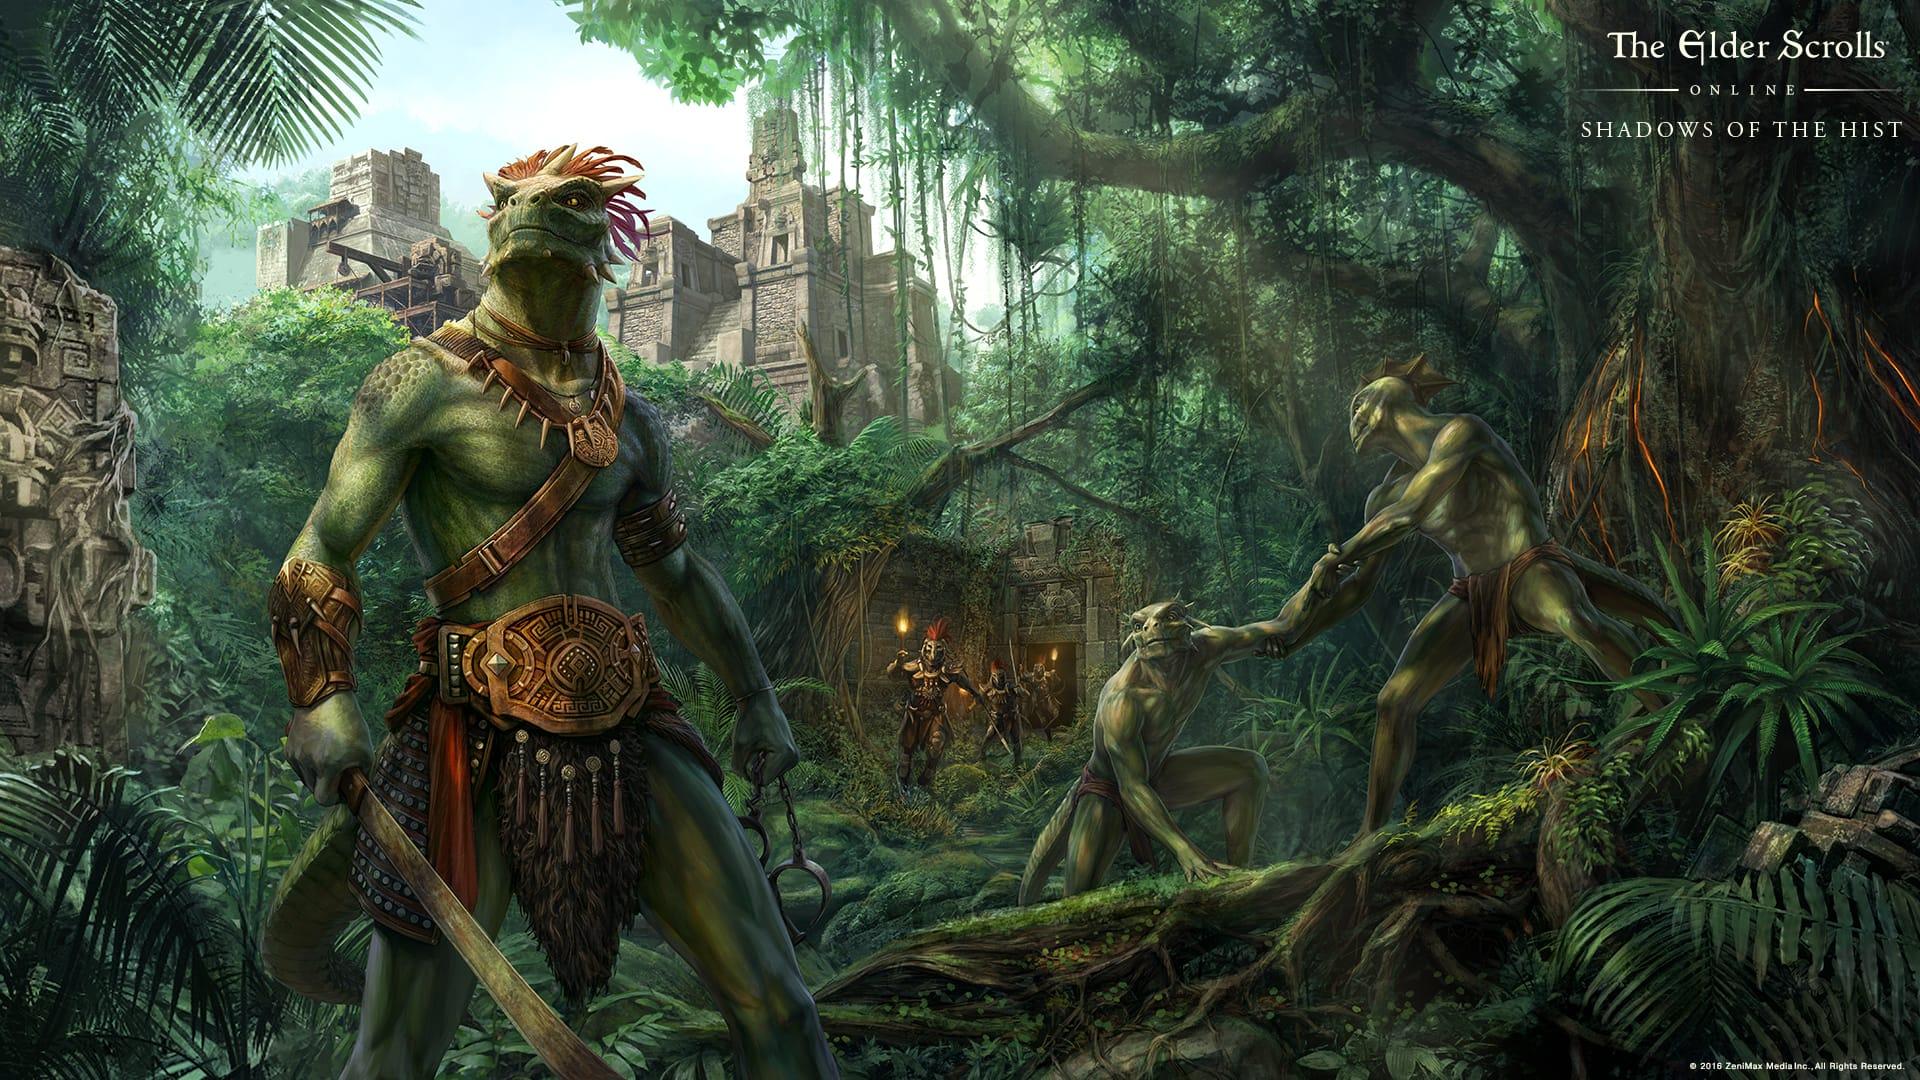 Wallpapers - The Elder Scrolls Online